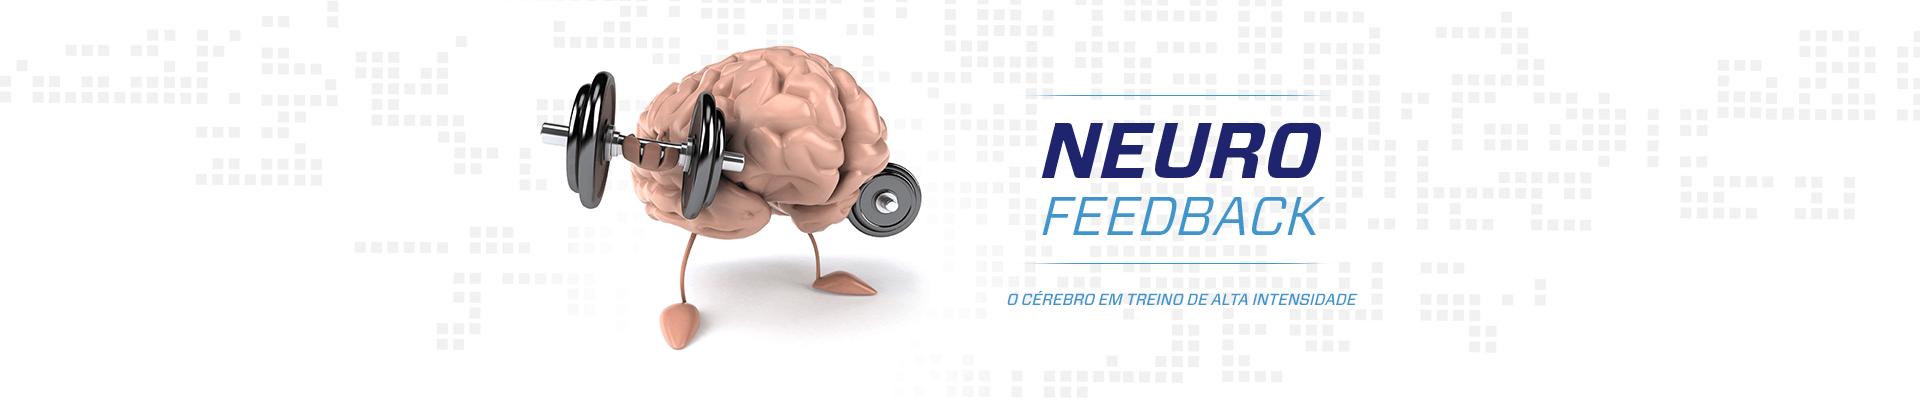 kinesio-banner-neurofeedback